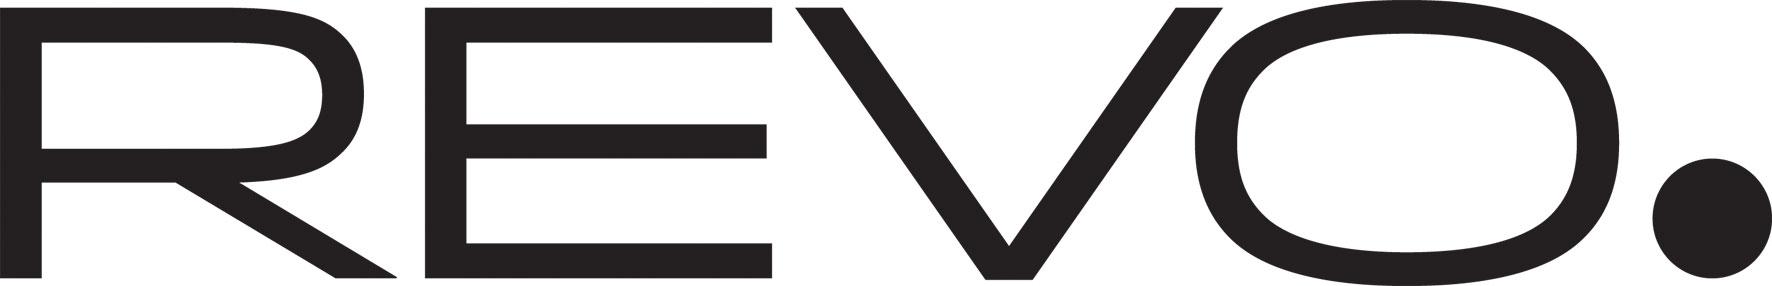 new_revo_logo